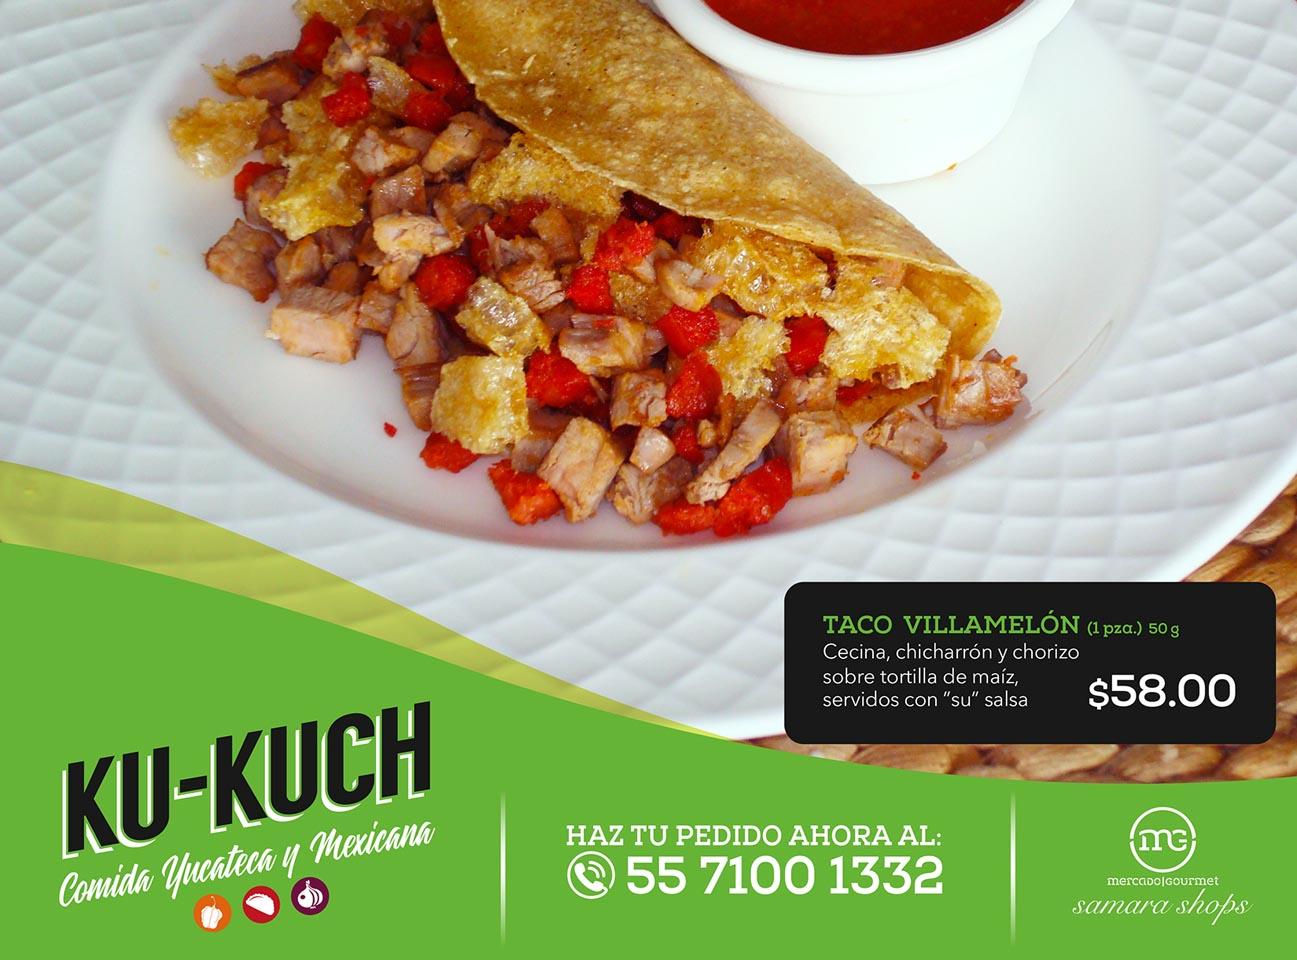 Kukuch1